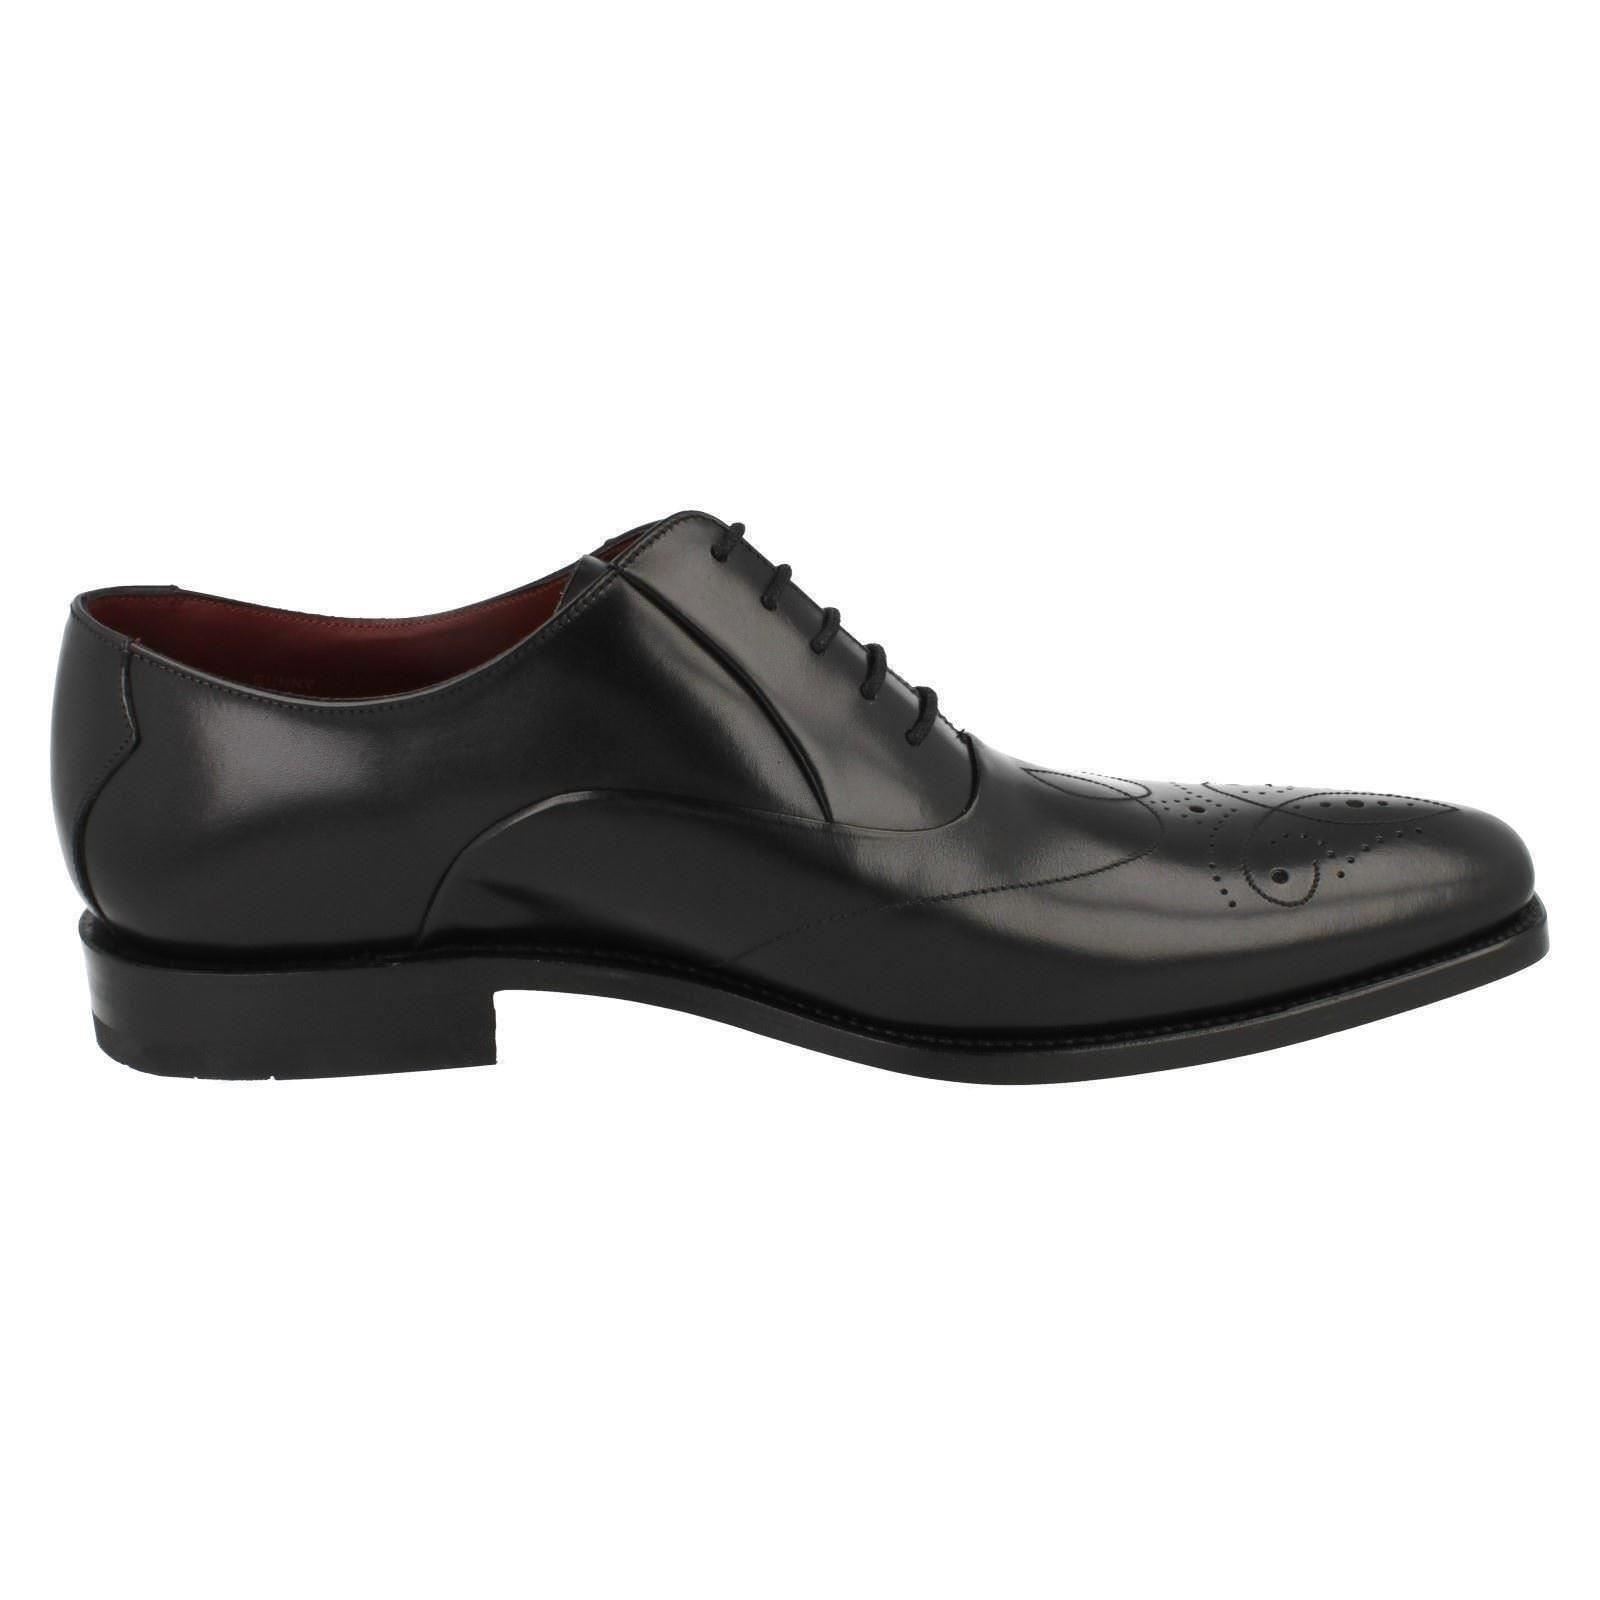 Herren geschnürte Rupfen F Fassung schwarze geschnürte Herren Leder Schuhe von Loake 81f1b2